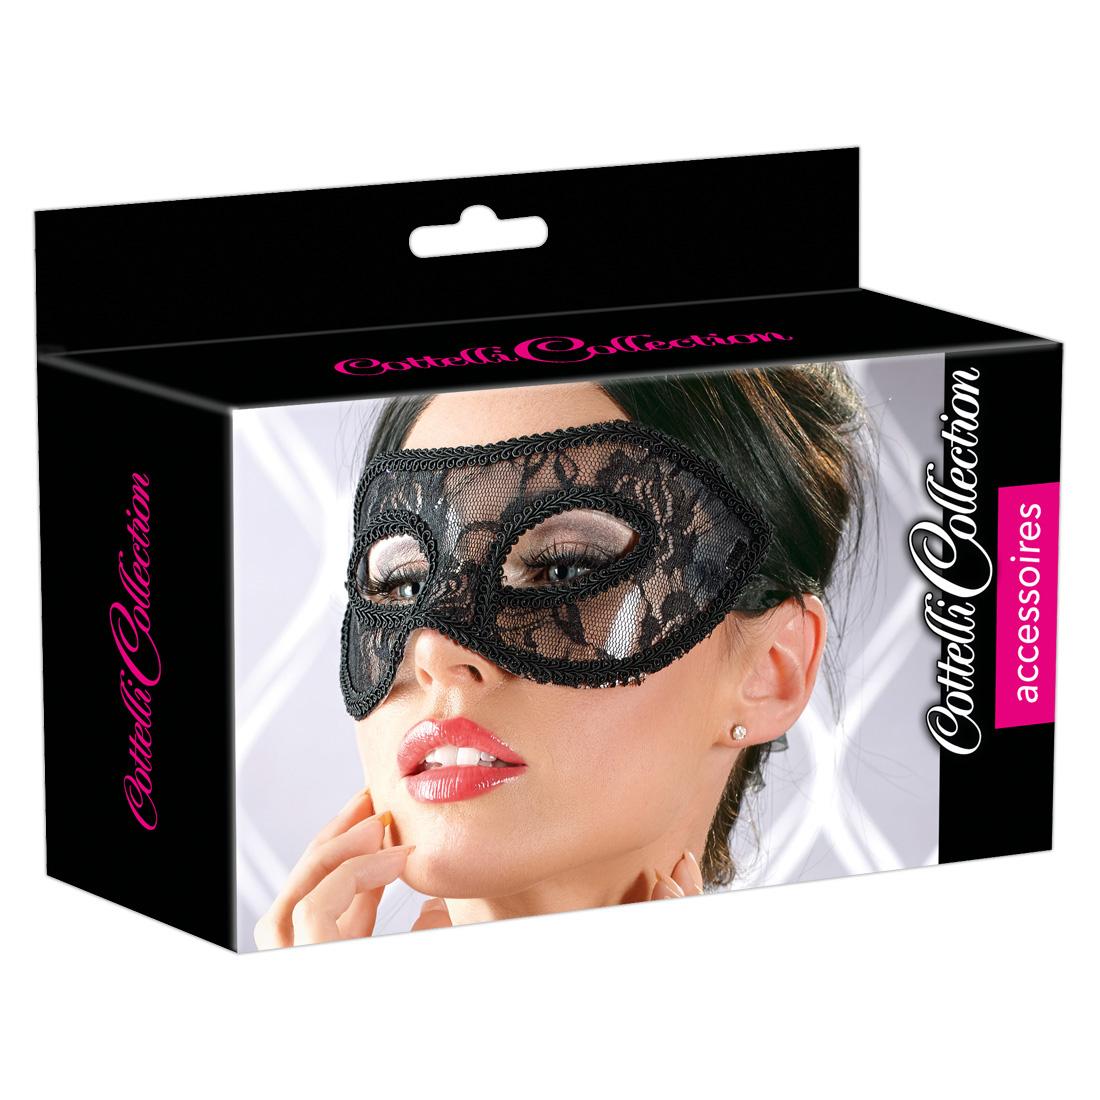 Augenmaske mit schwarzer Spitze